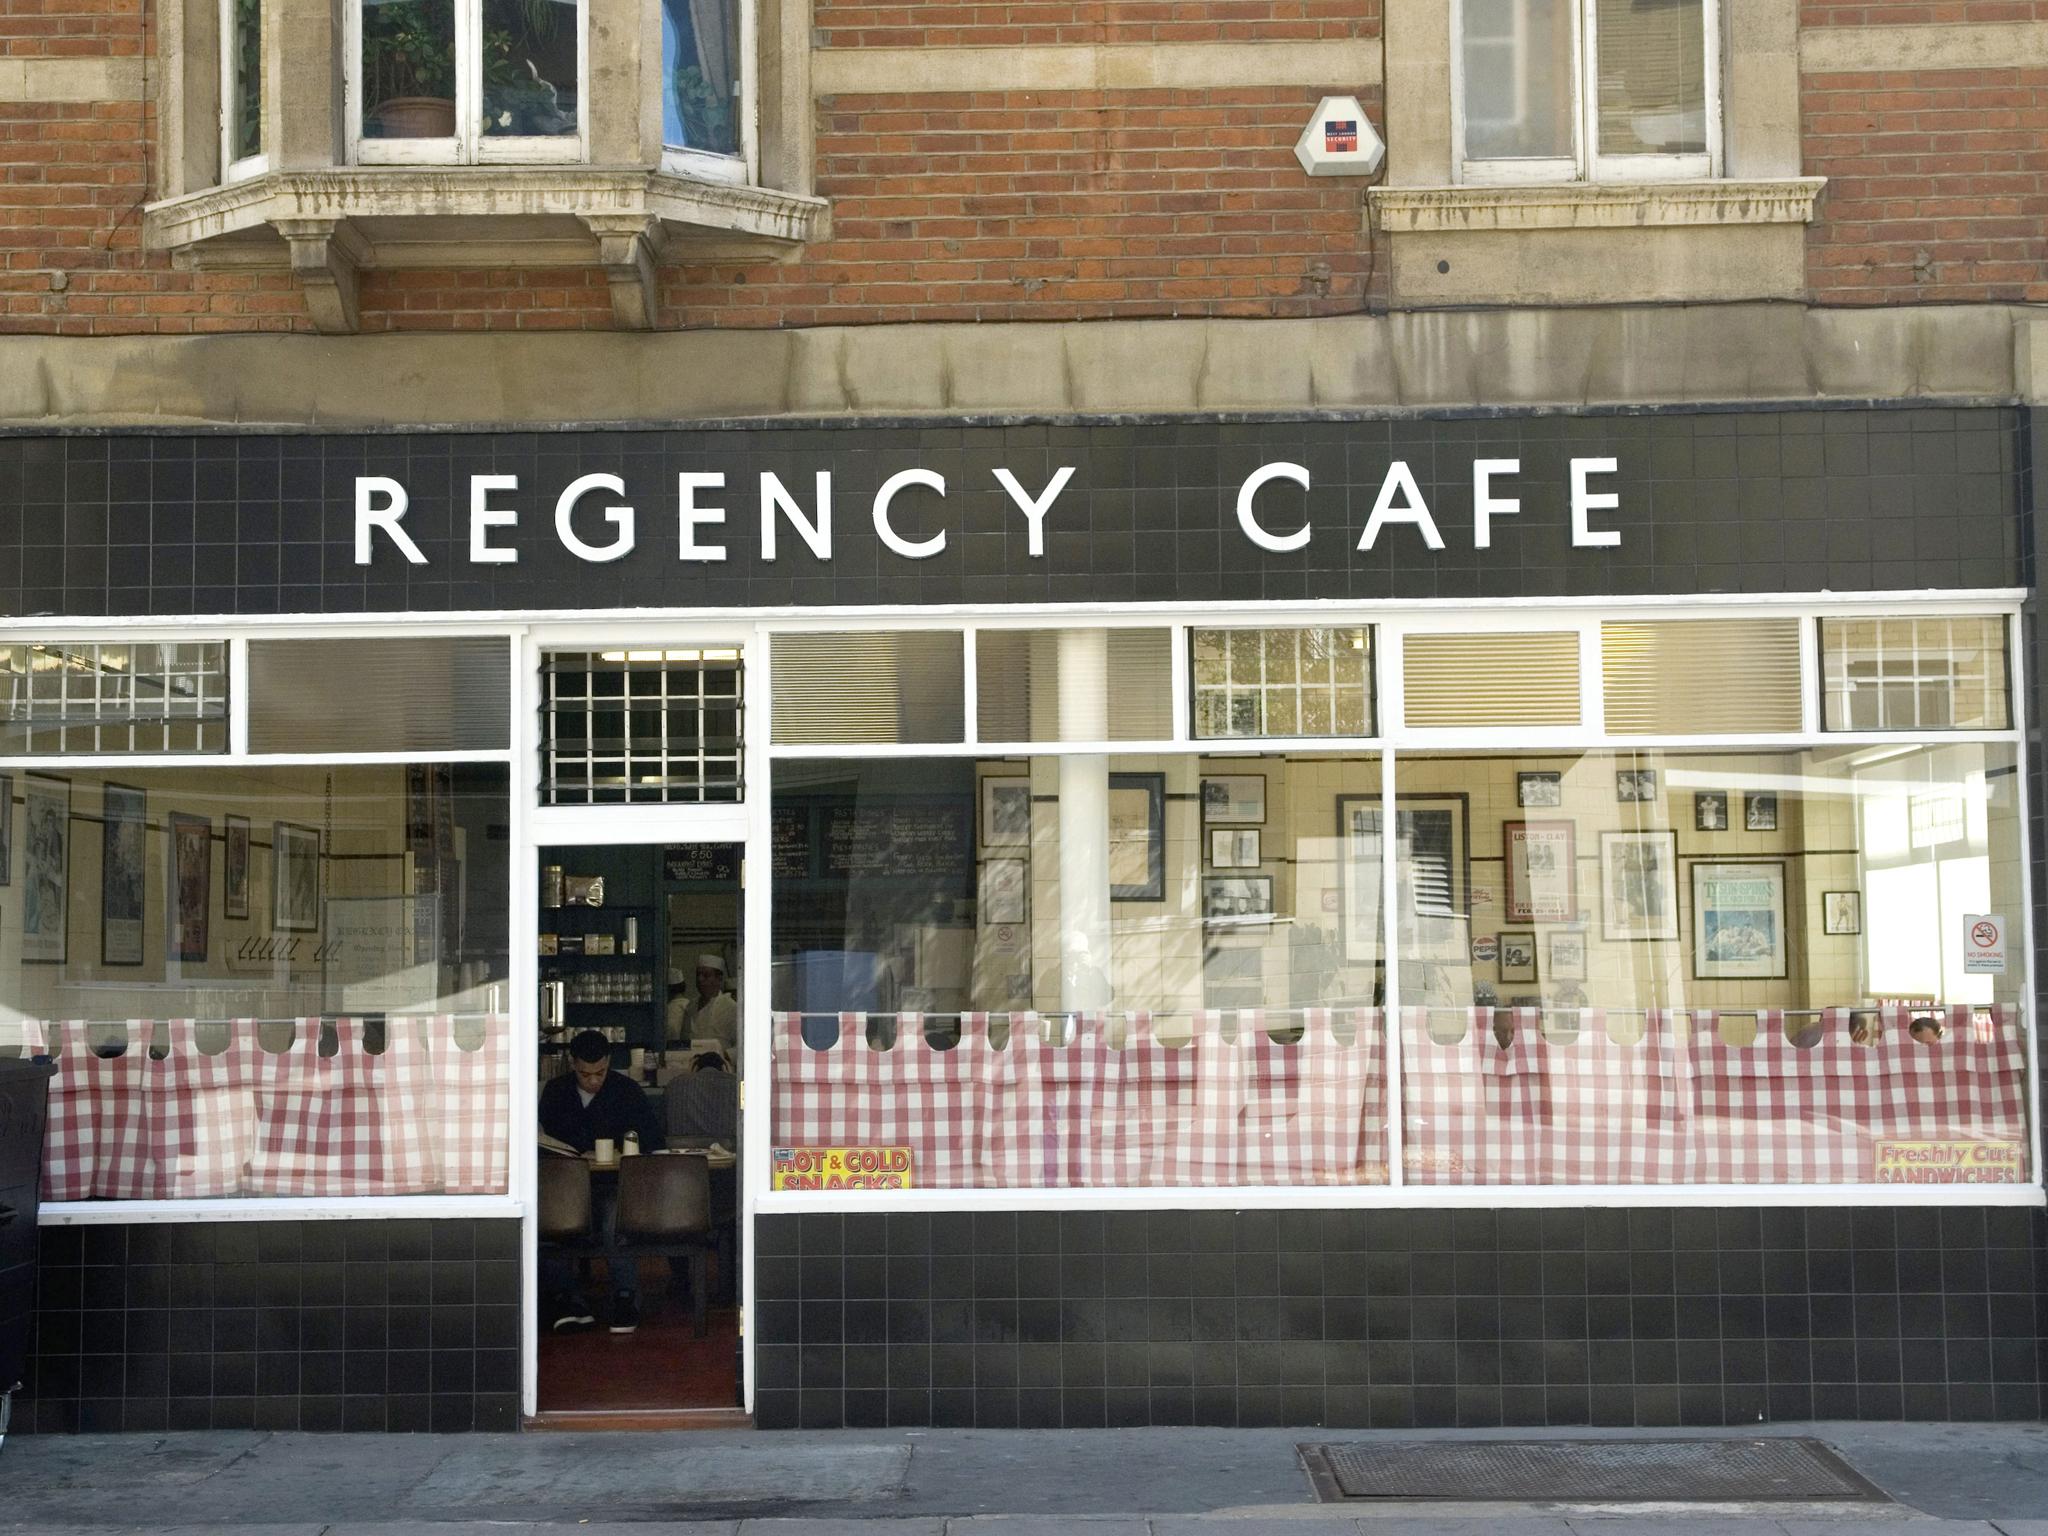 Regency Cafe